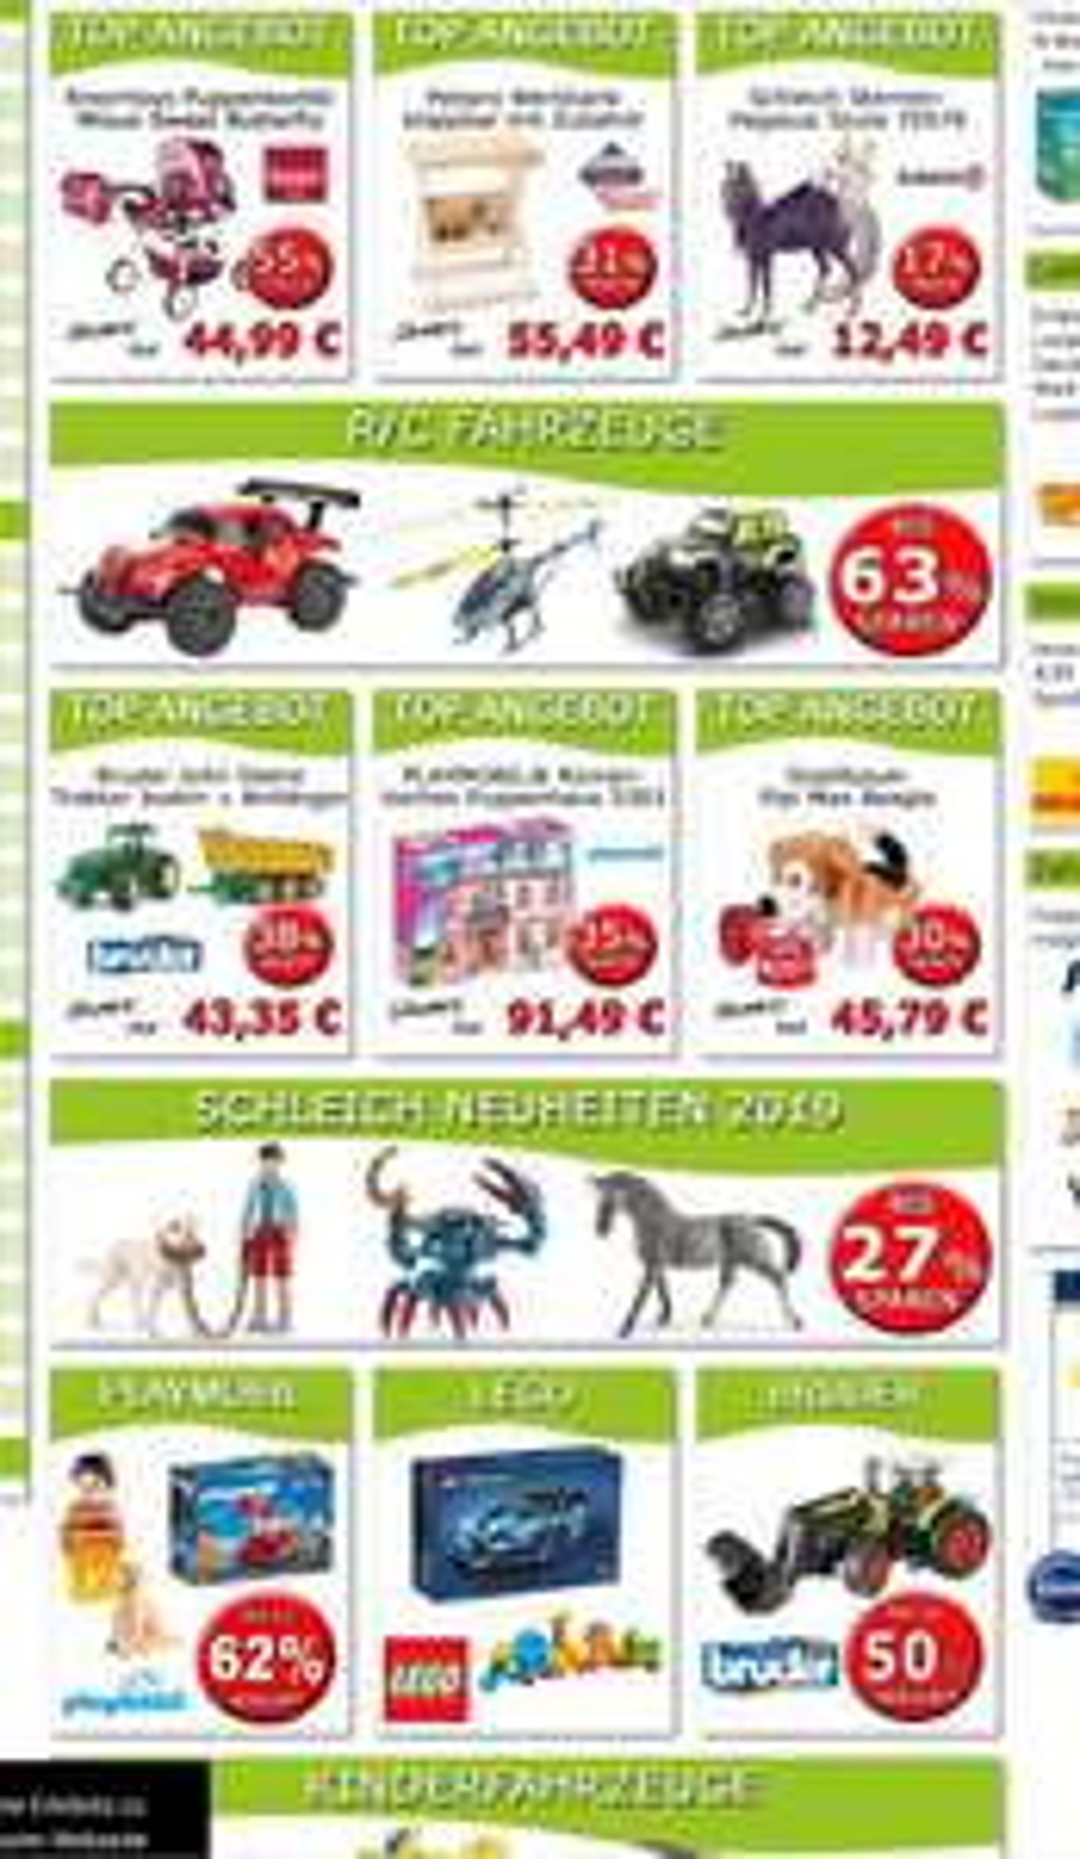 5€ Weihnachtsrabatt, Aktuelle Bestpreise Sammeldeal  zb. Lego, Duplo, Puppenkinderwagen, Puzzle, Schleich, Werkbank